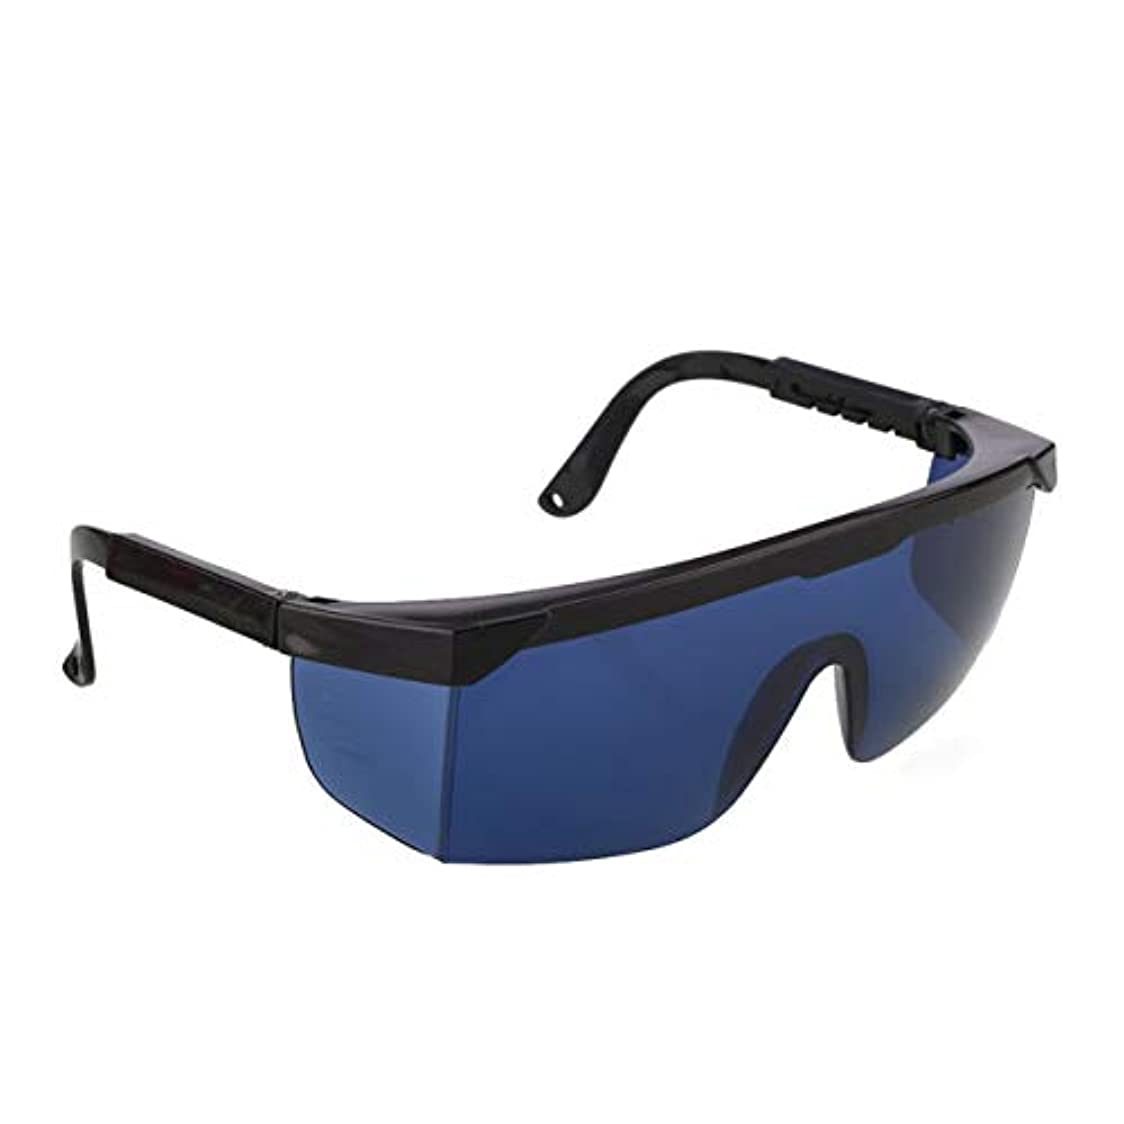 音楽家男らしい努力Saikogoods 除毛クリーム ポイント脱毛保護メガネユニバーサルゴーグル眼鏡を凍結IPL/E-光OPTのためのレーザー保護メガネ 青